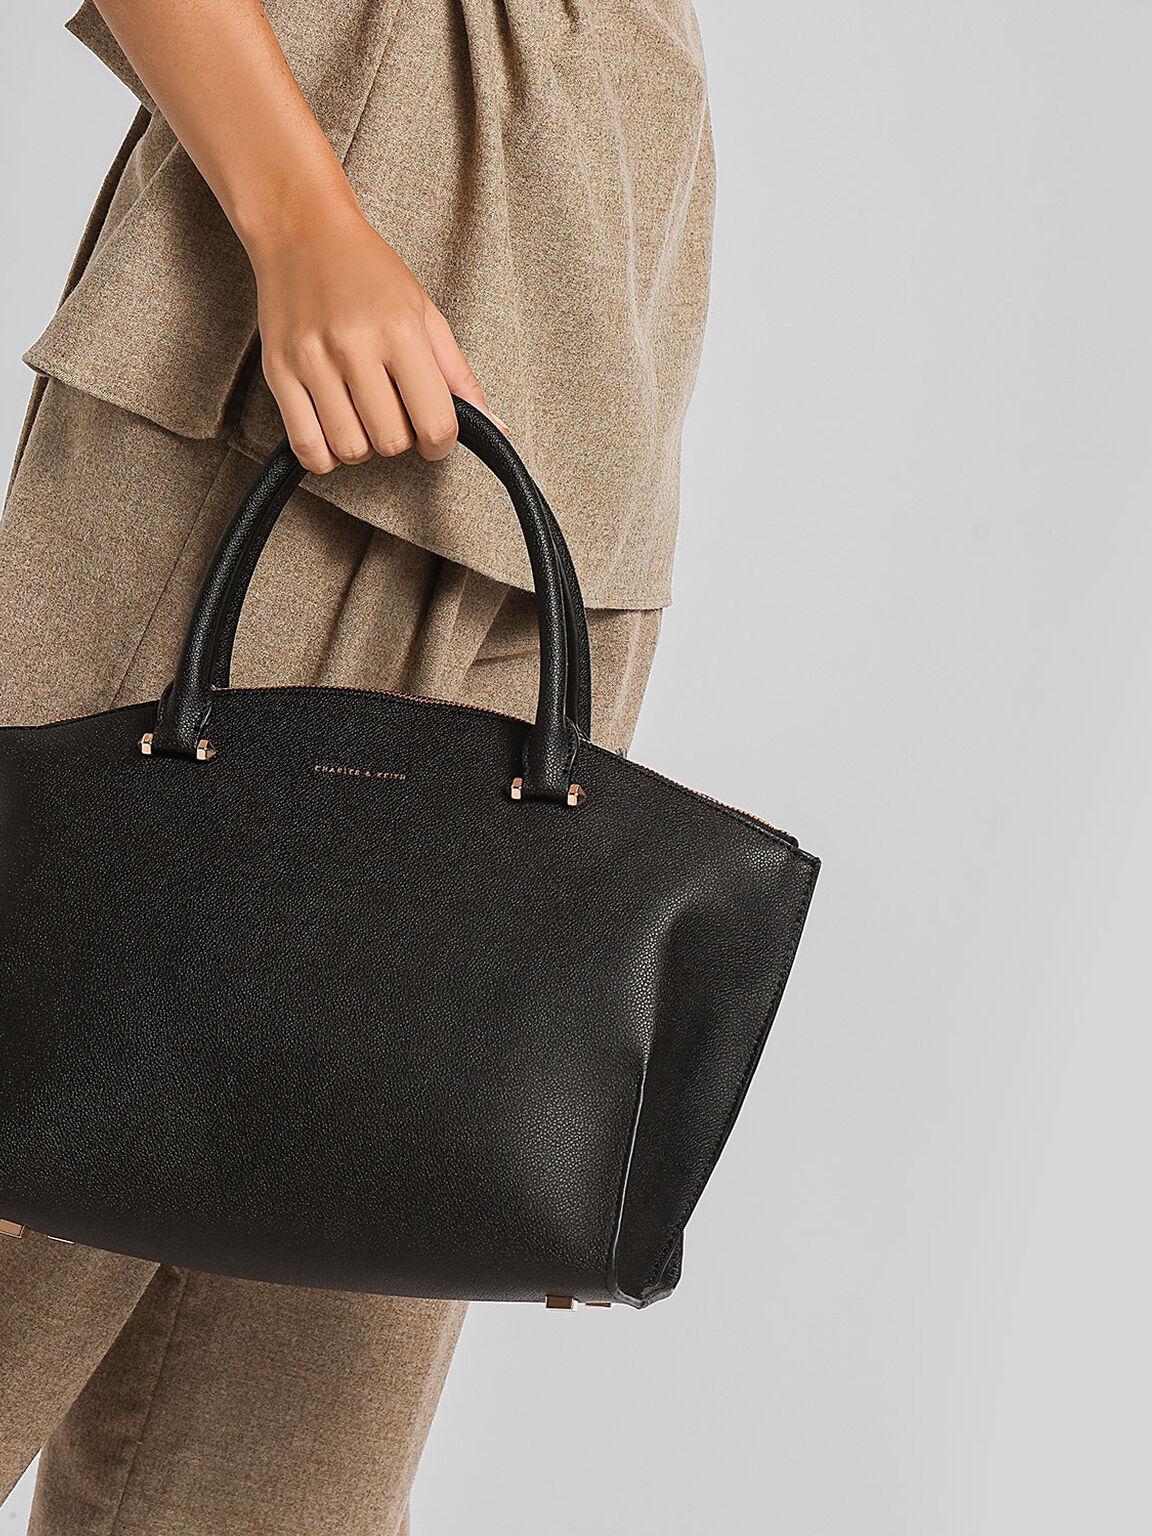 圓弧拉鍊式手提包, 黑色, hi-res